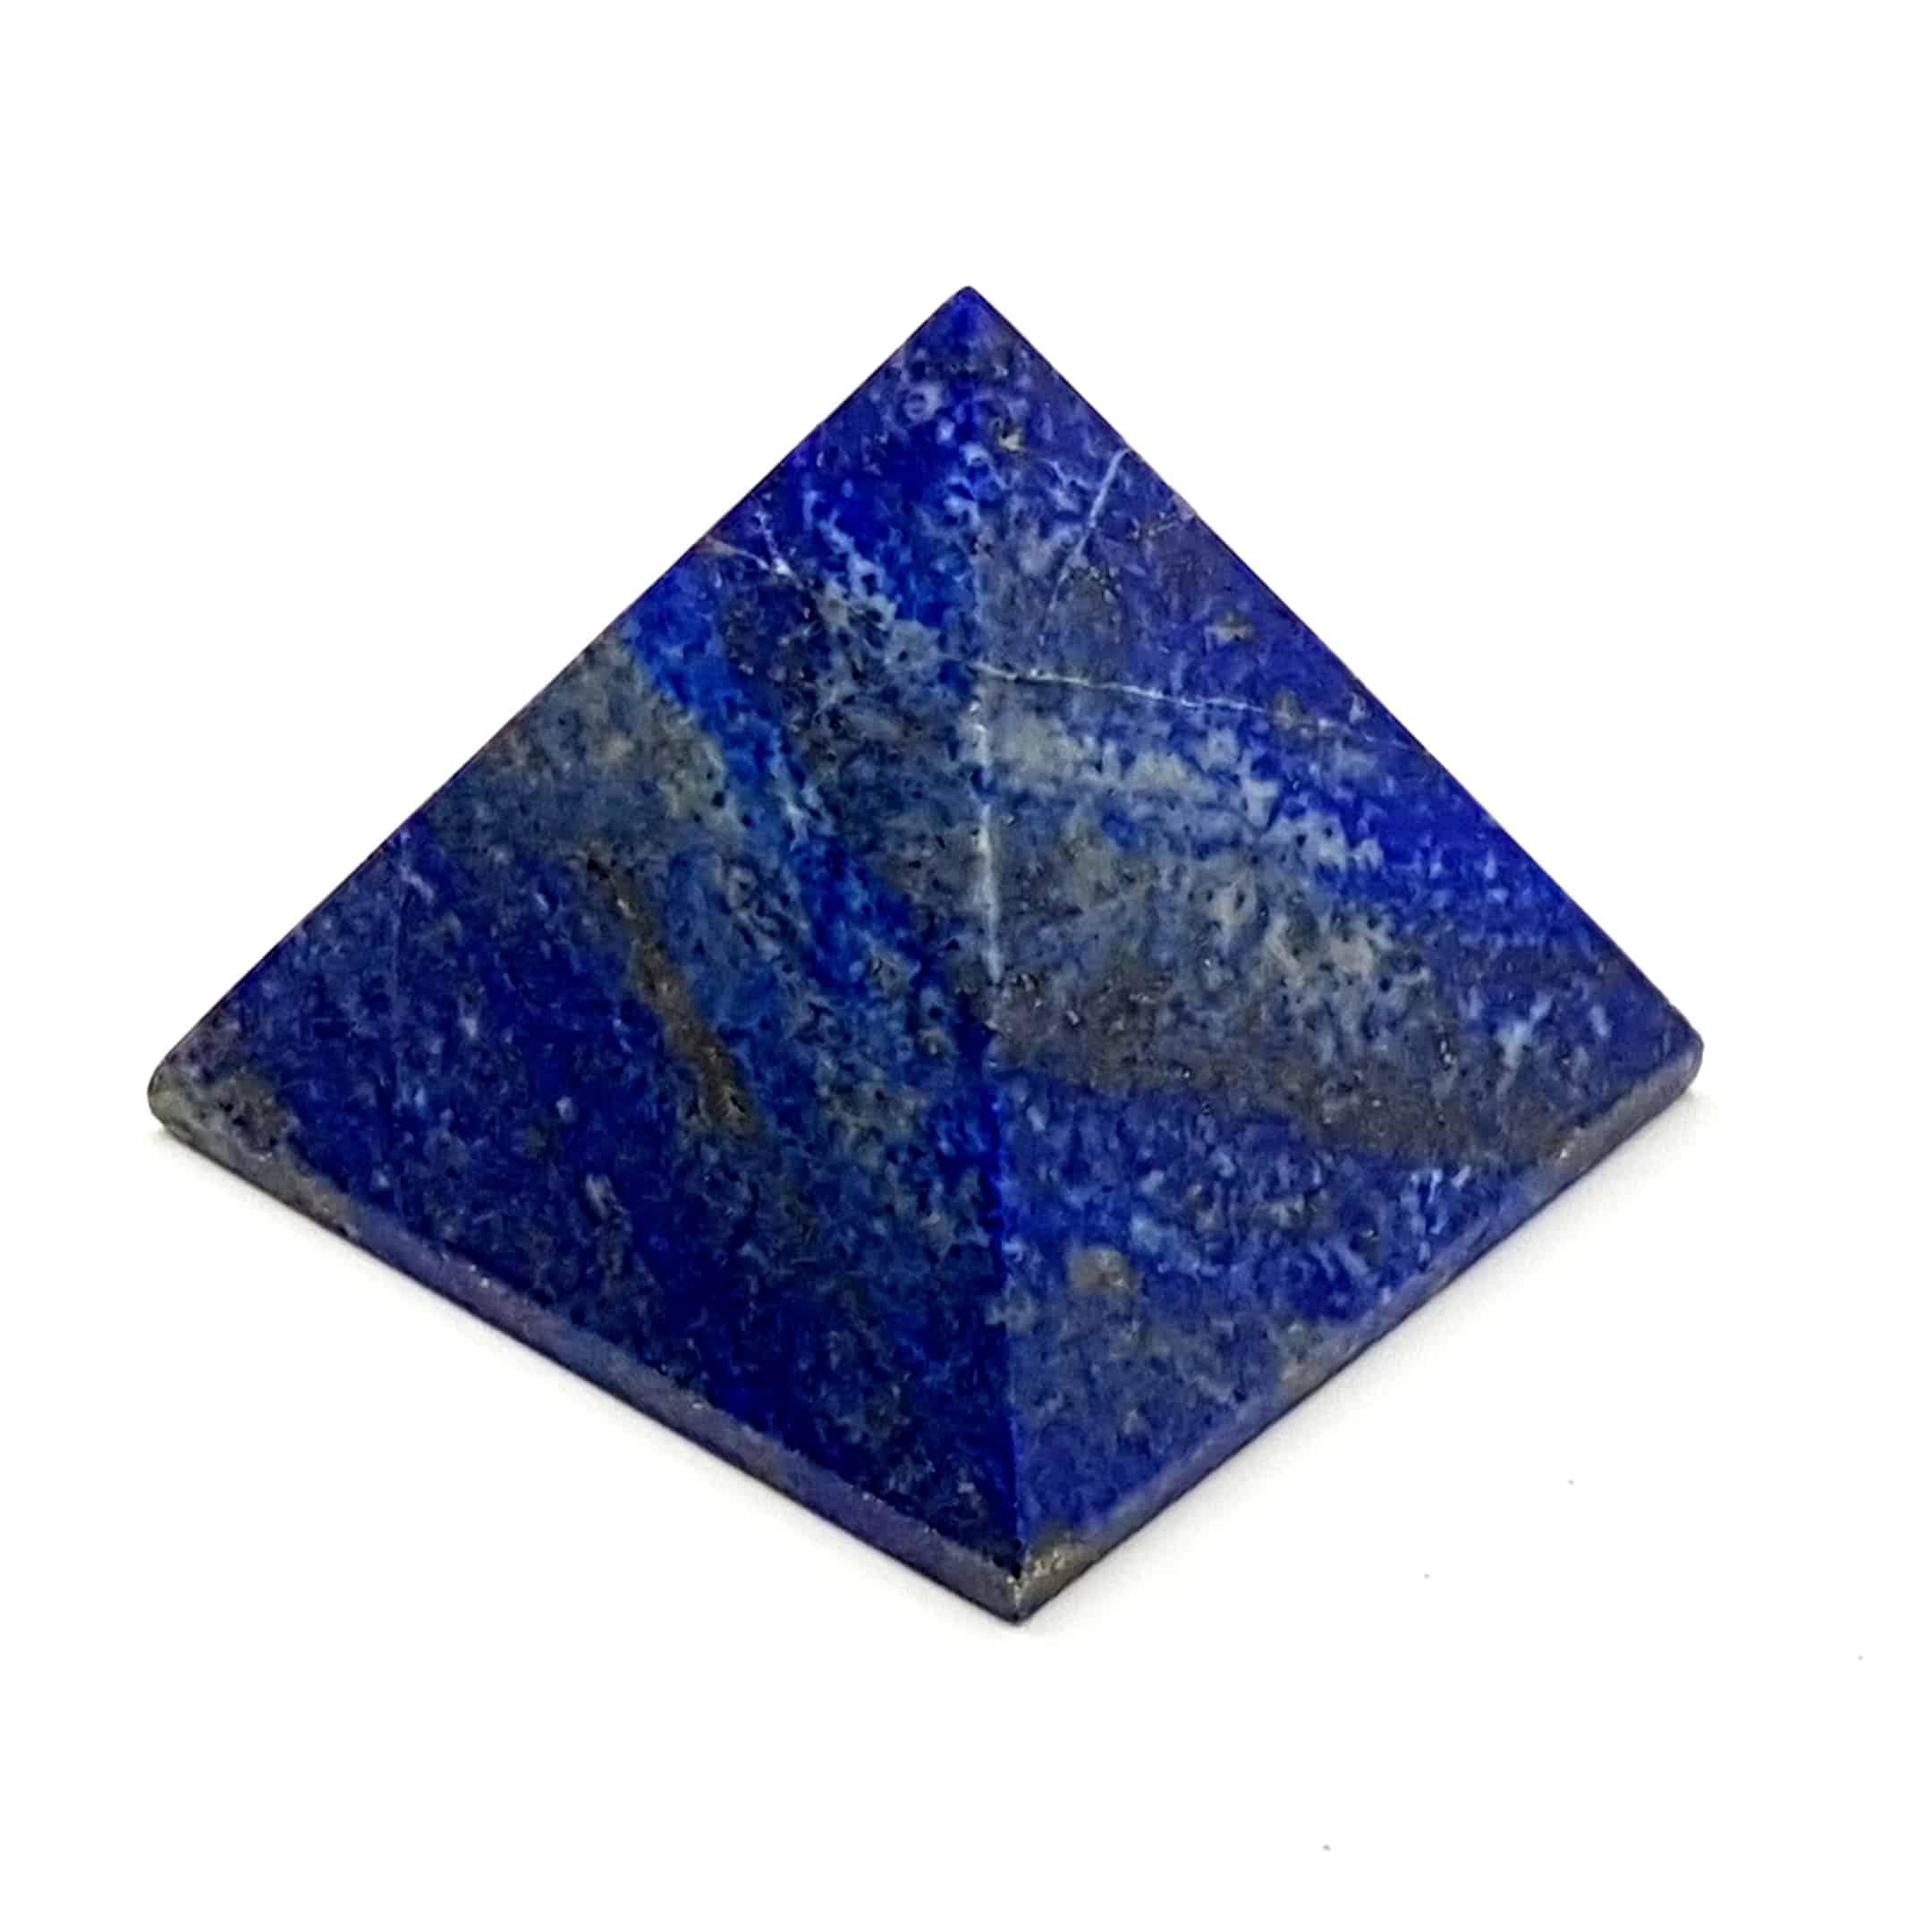 Pirámide lapislázuli (5)